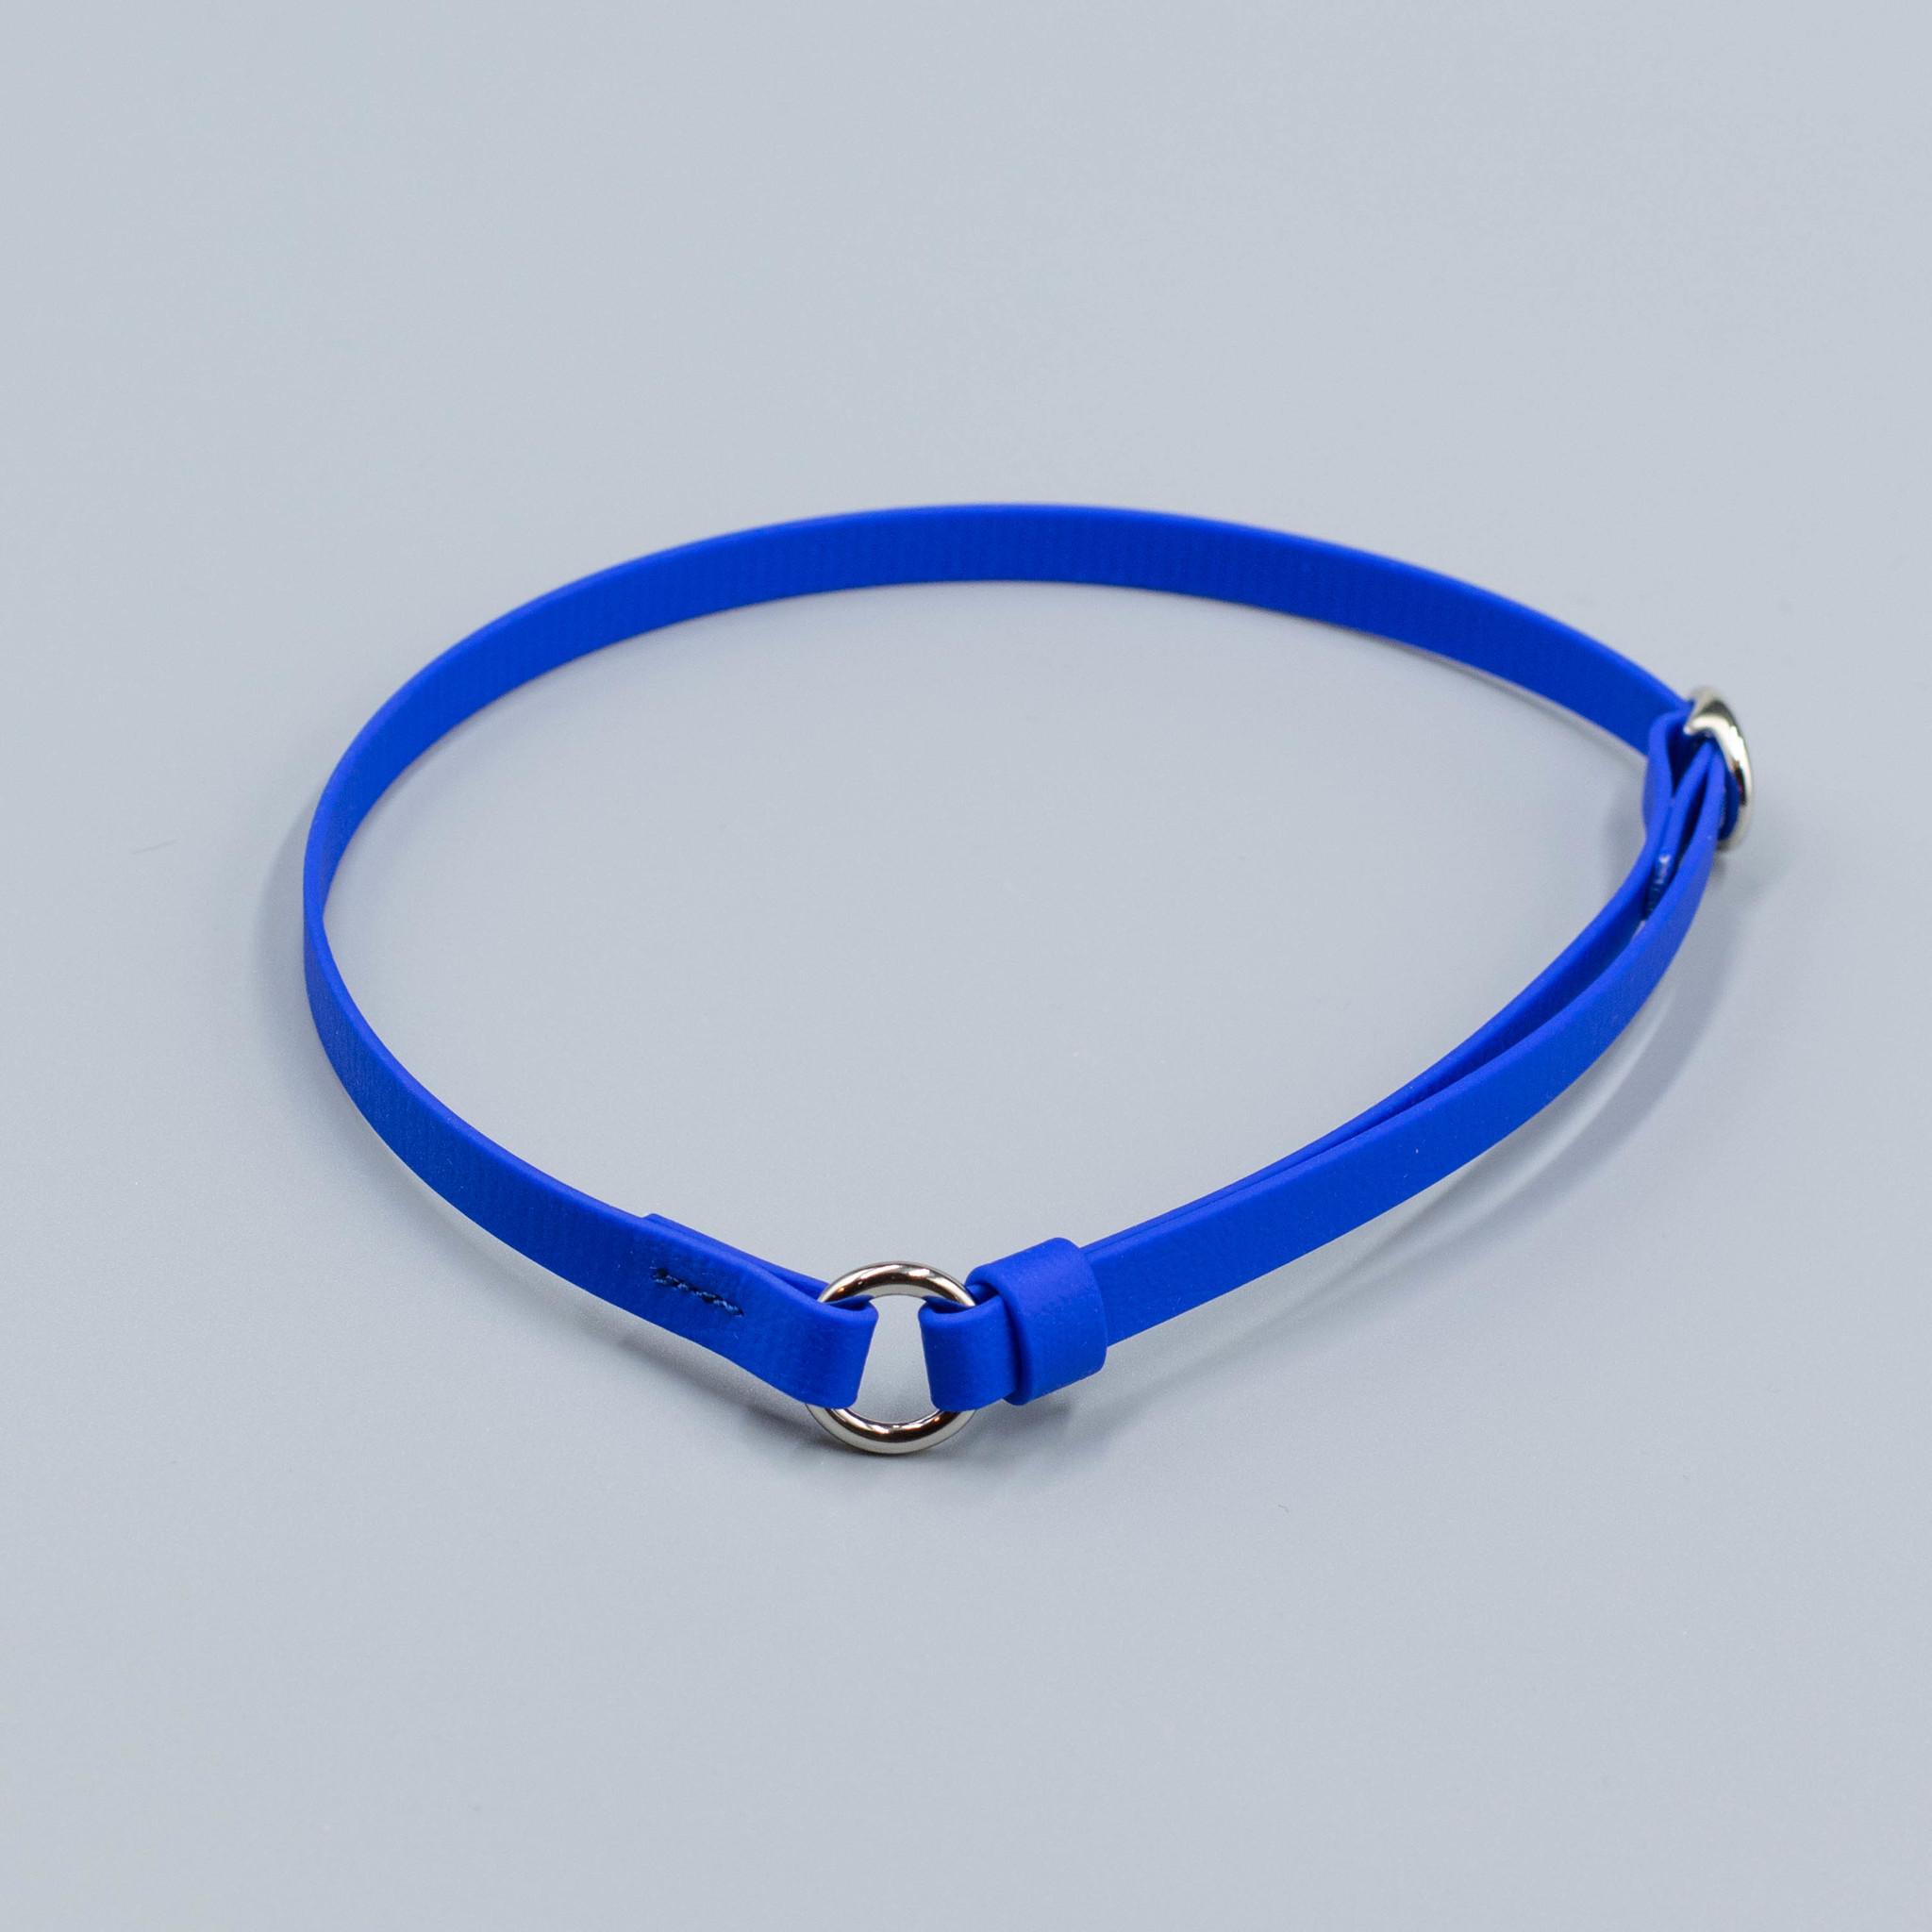 Регулируемый ошейник из биотана. Синий/ 35-55 см